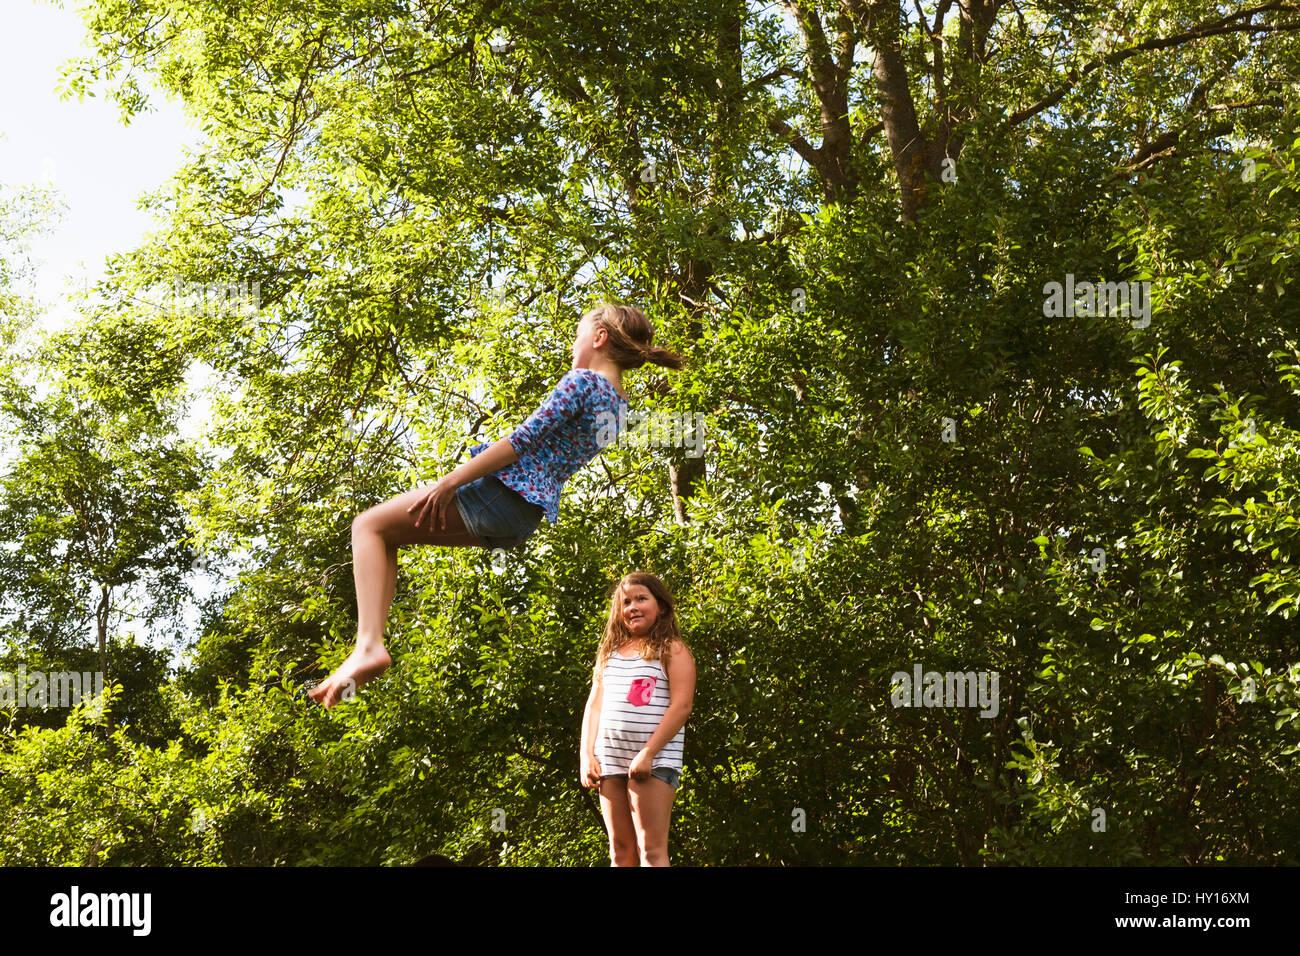 Suecia, Öland, dos niñas (8-9, 10-11) jugando en día soleado Imagen De Stock